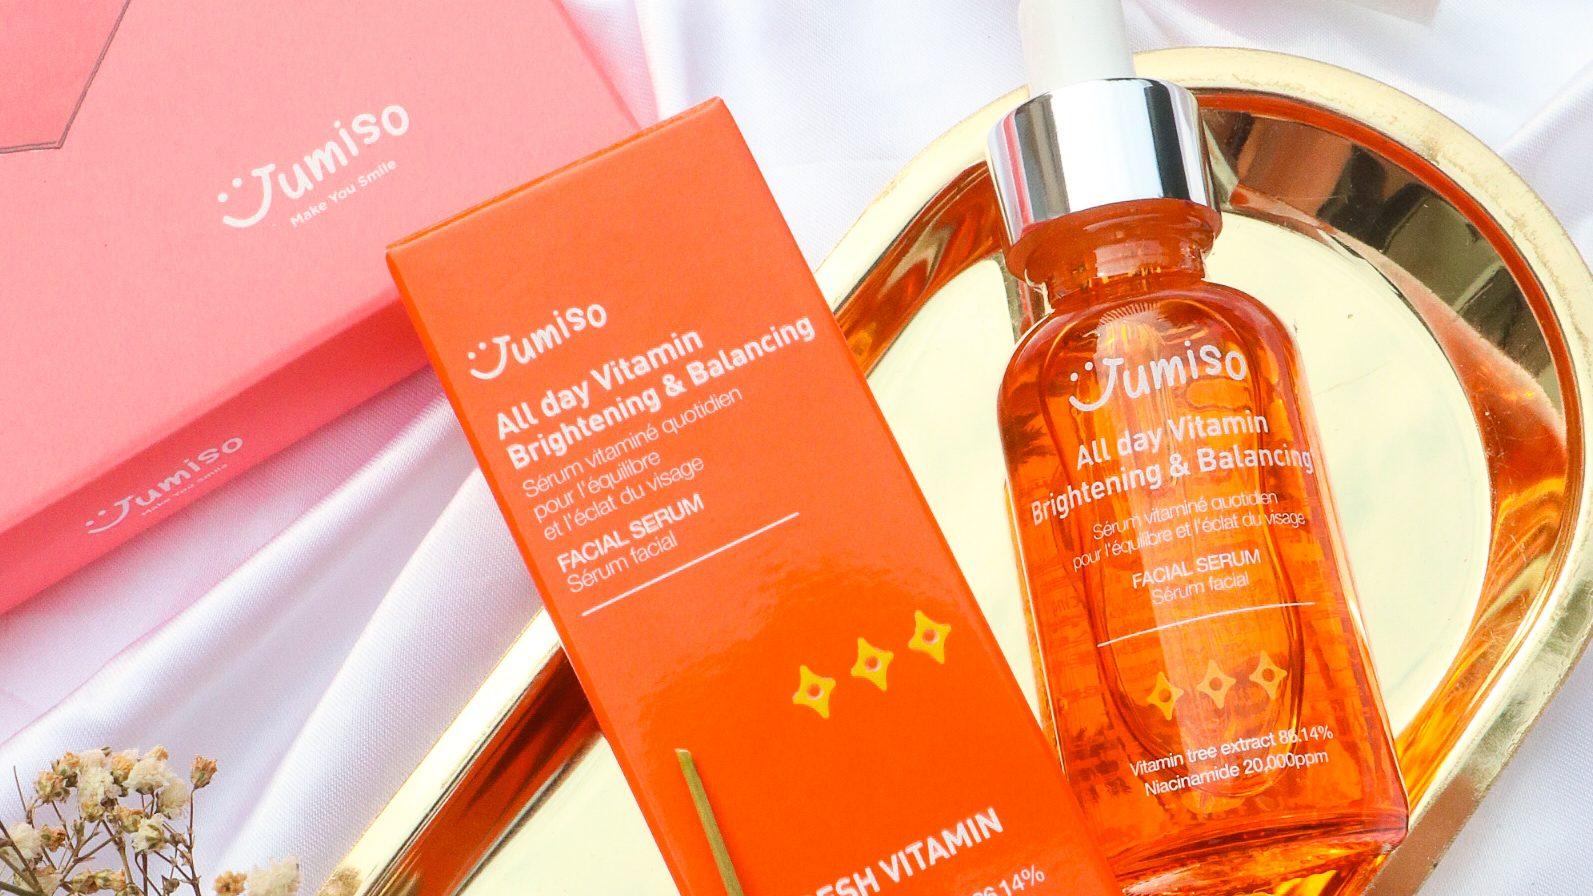 Jumiso All Day Vitamin Brightening and Balancing Facial Serum Review